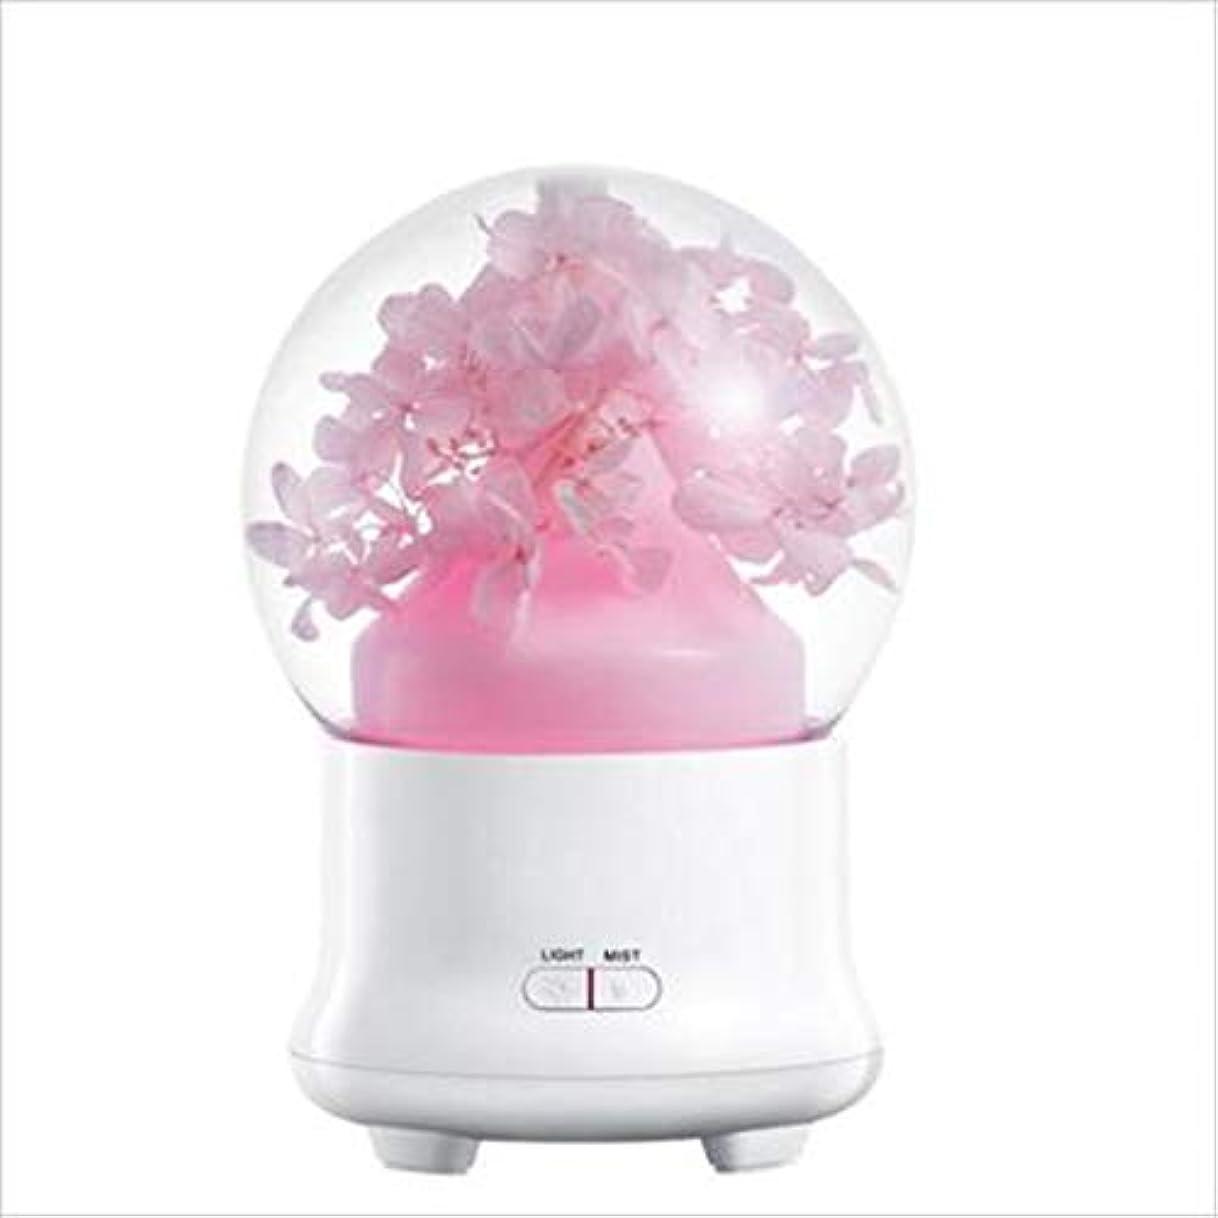 許すパスタ保存する永遠の花加湿器ミュート超音波空気清浄器ホームオフィス保湿カラフルな発光スプレー (Color : Pink)